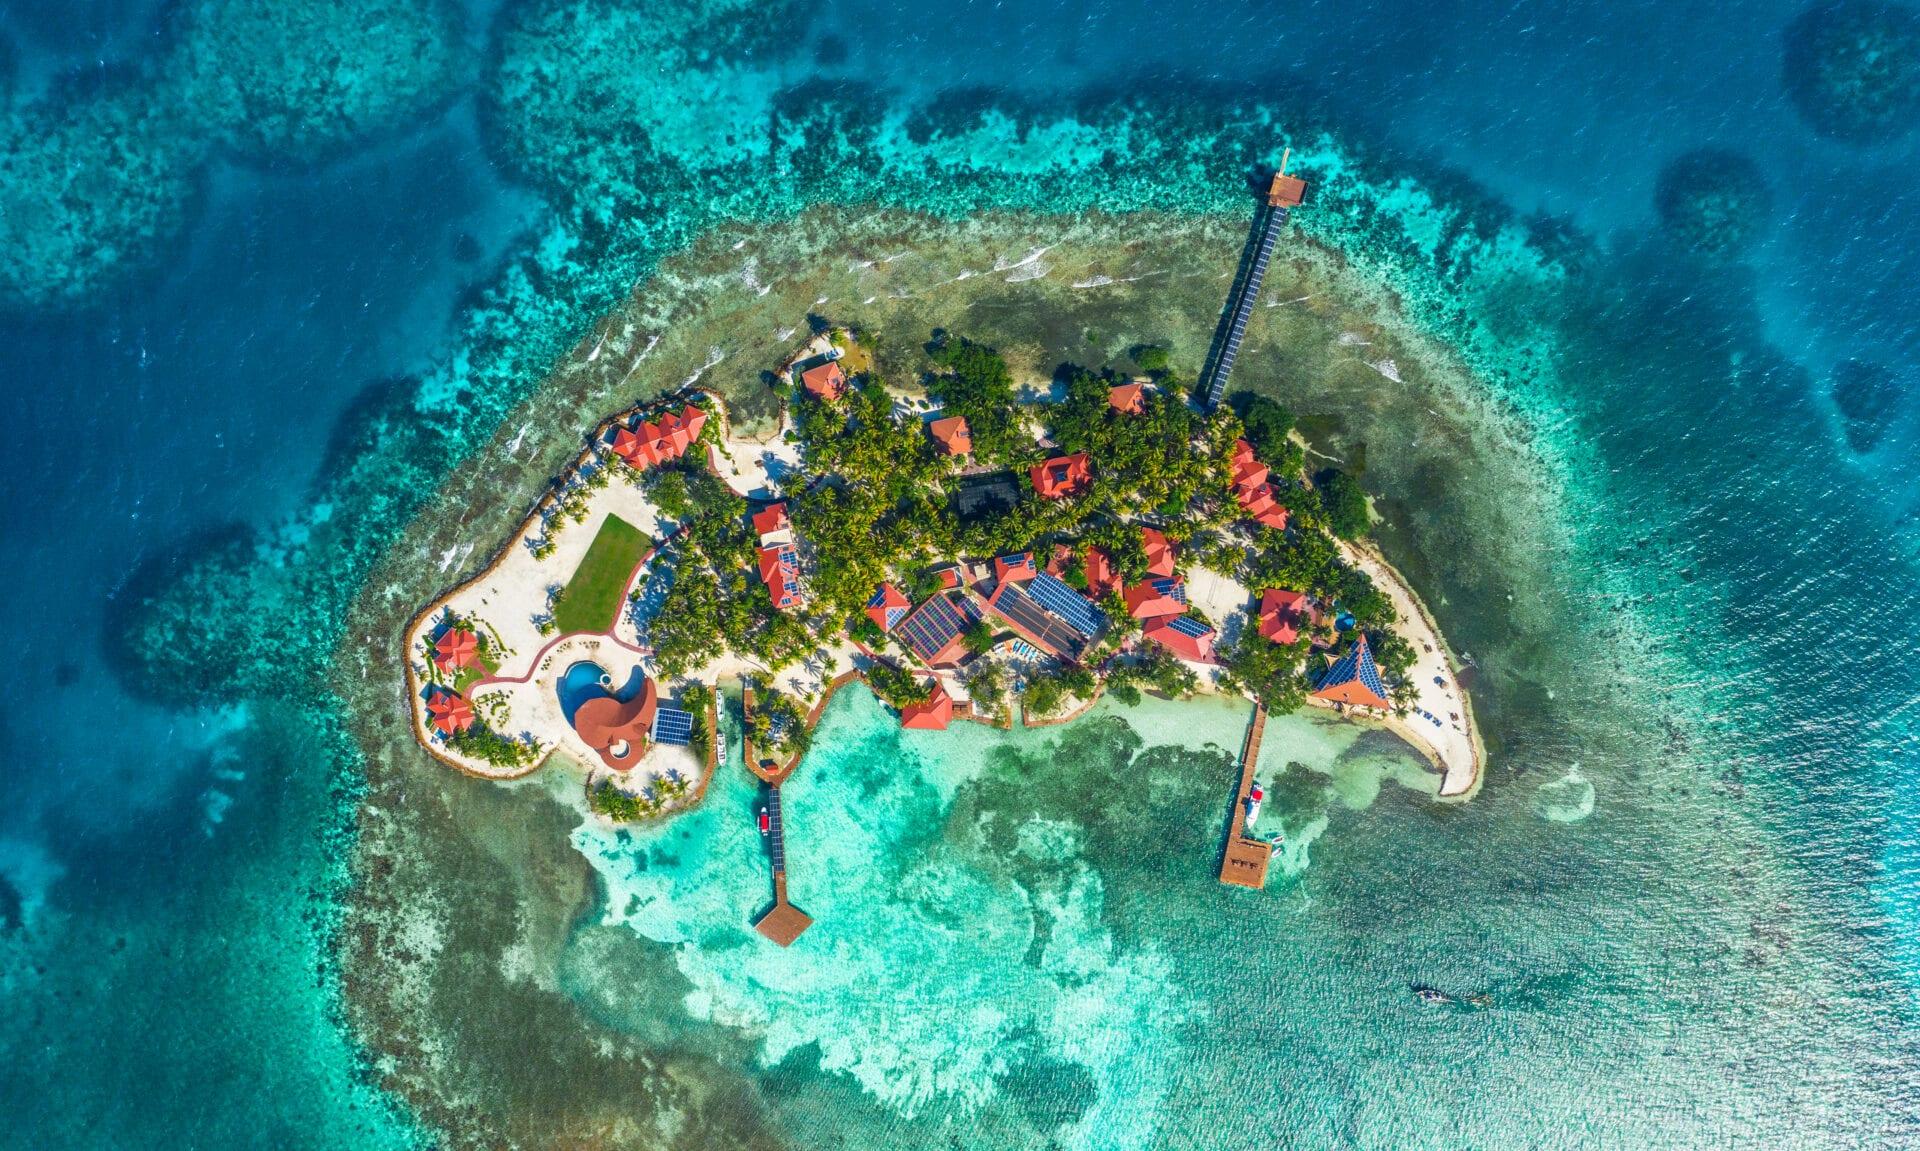 Ray Caye aerial drone Duarte Dellarole island resort belize